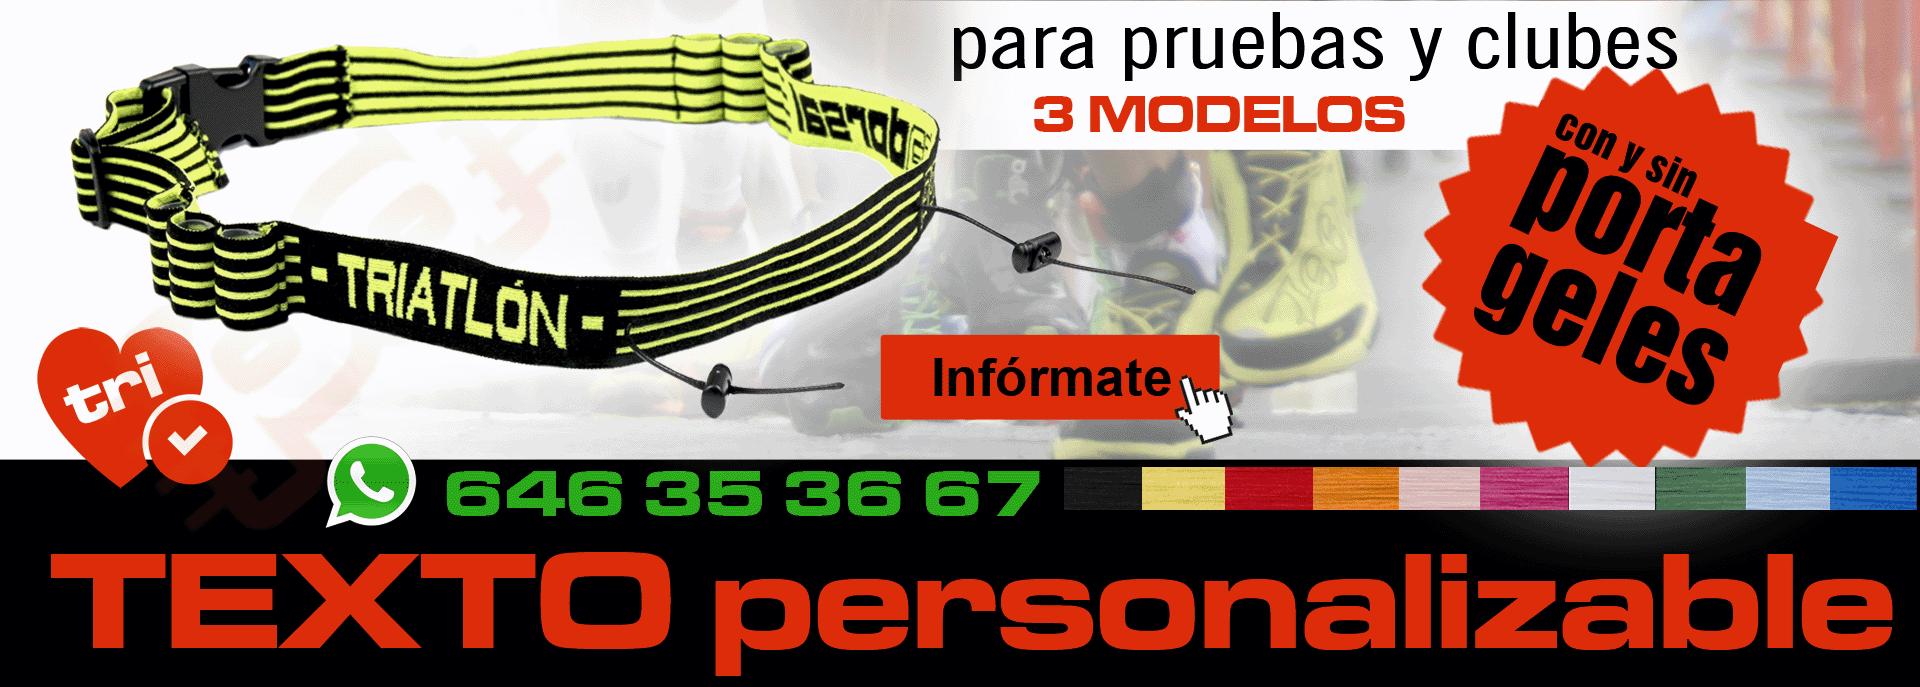 porta dorsal personalizado 1